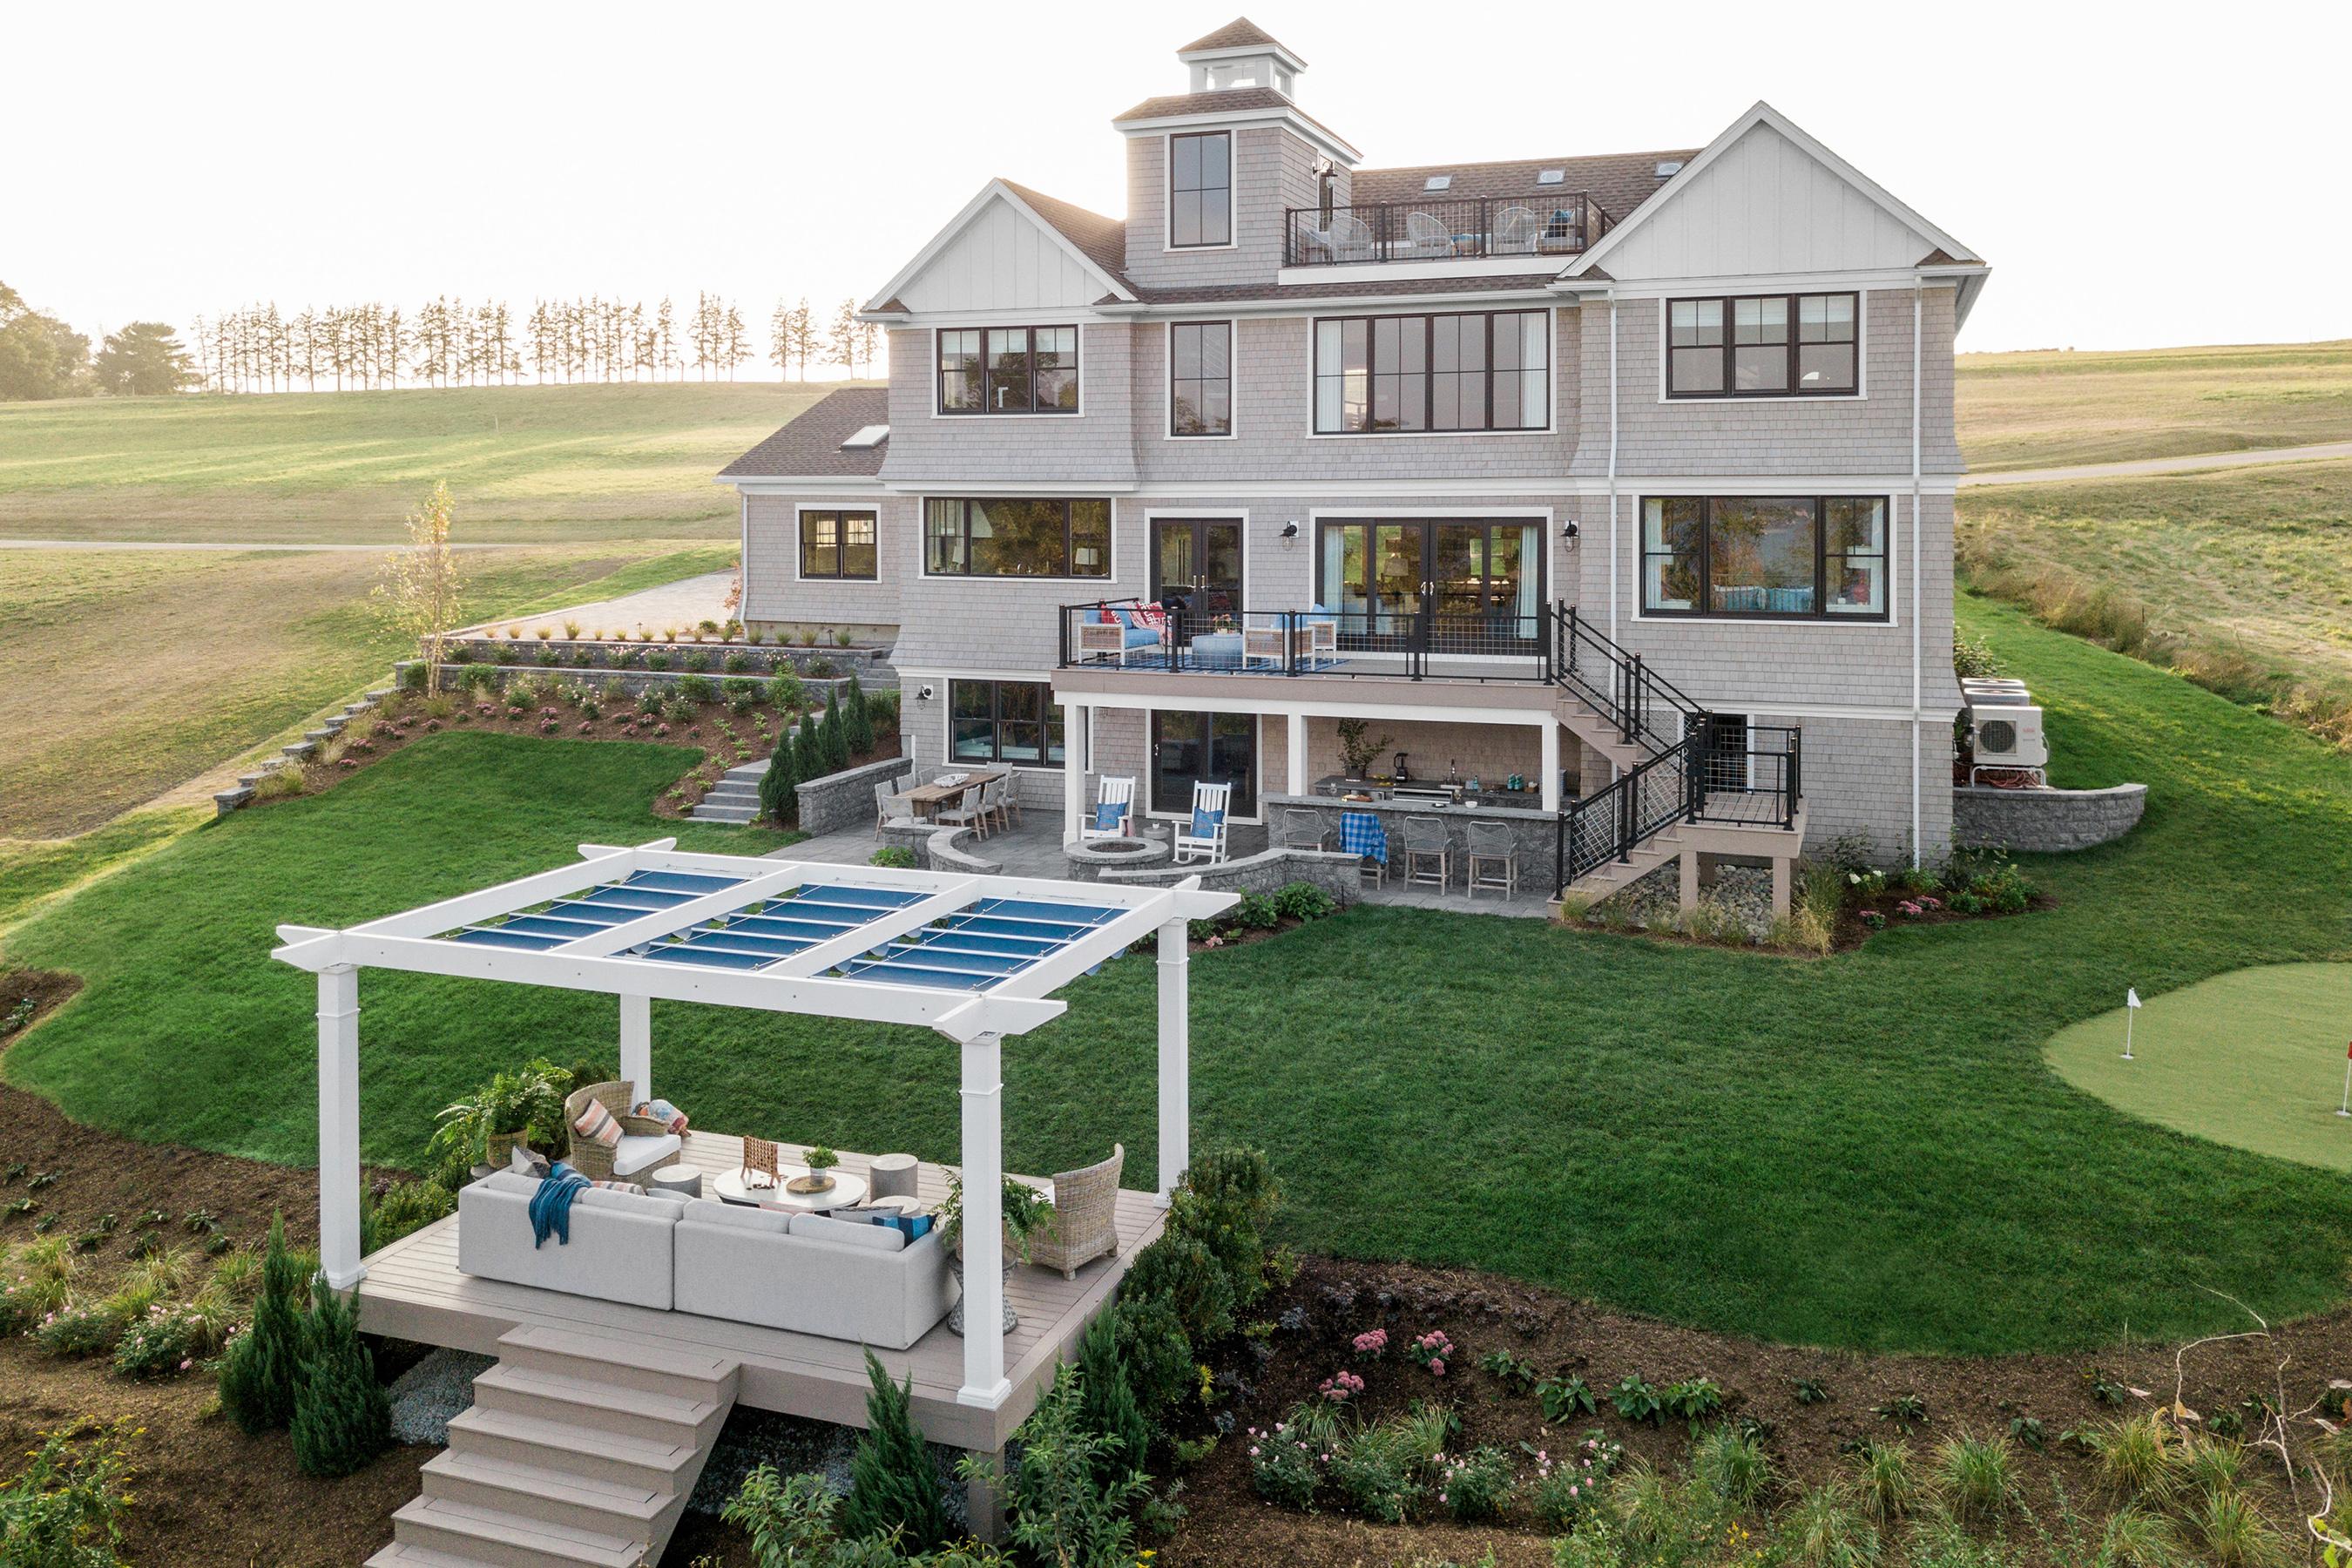 HGTV Dream Home 2021 Backyard